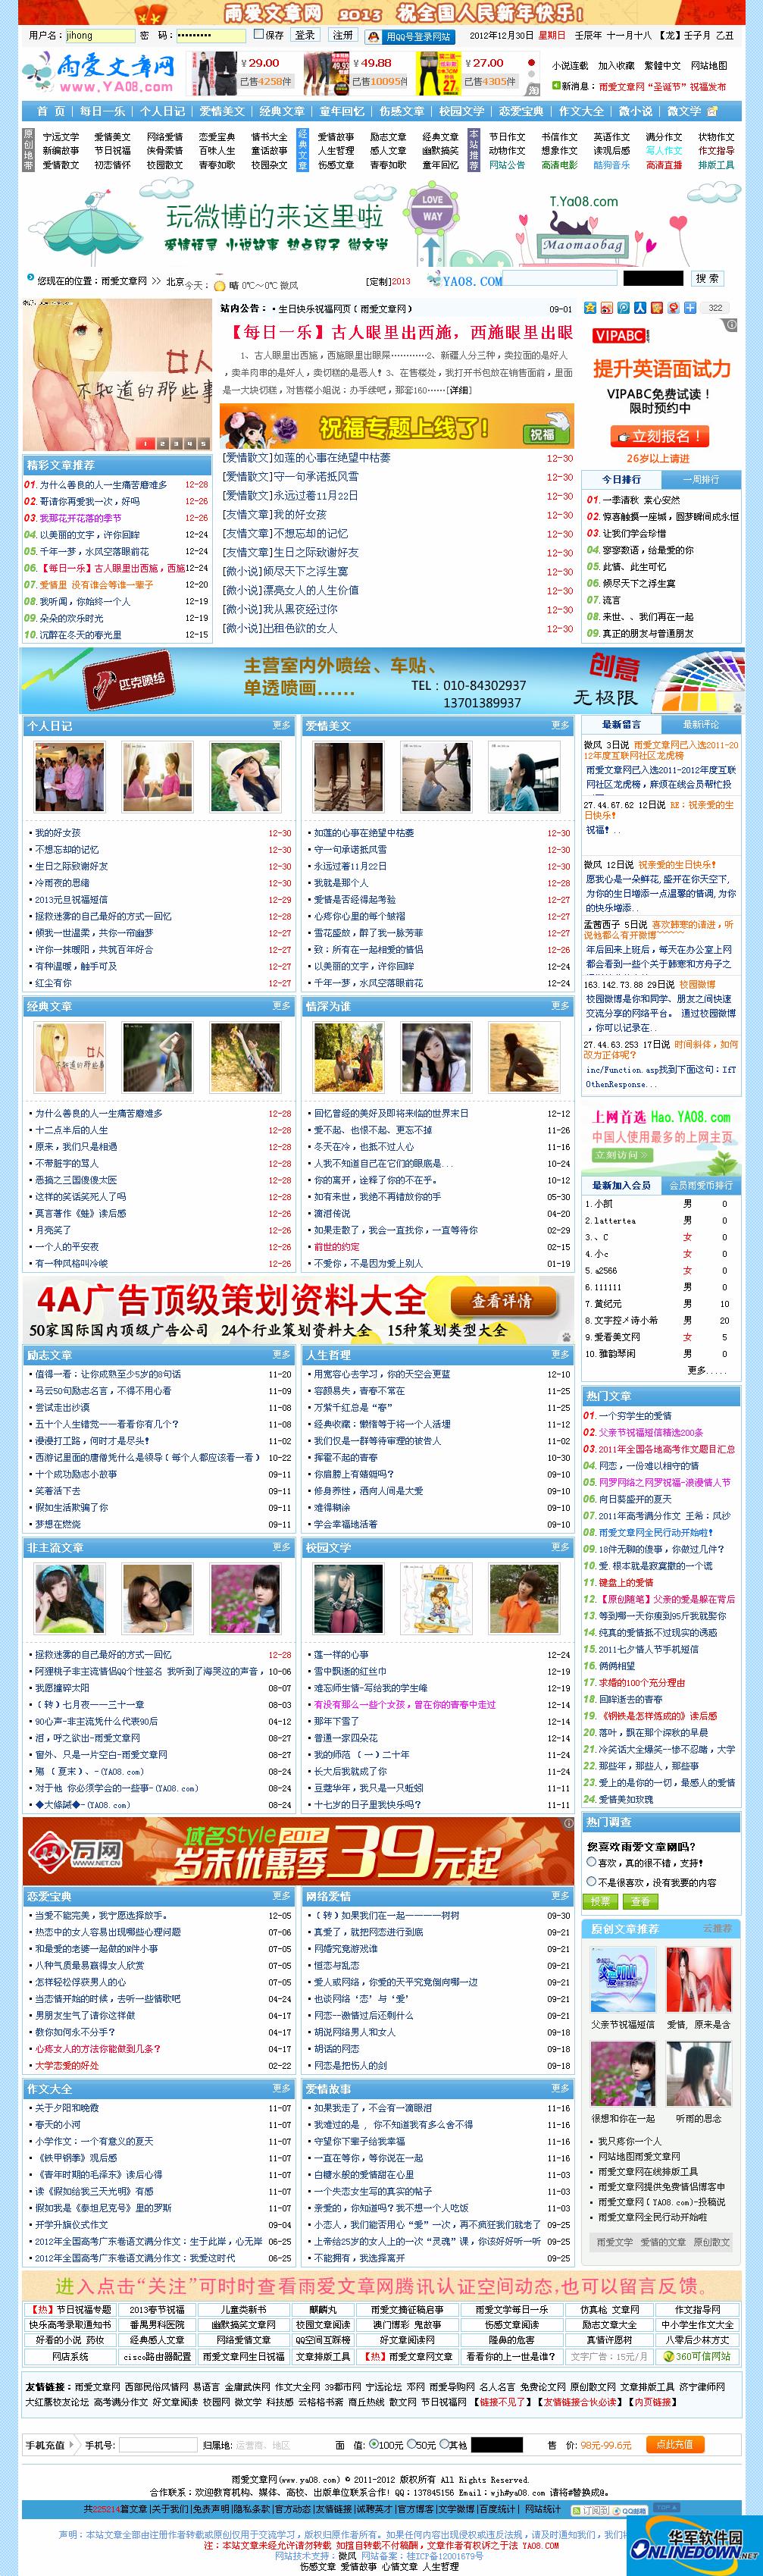 雨爱文章网清晰文章管理系统 【2013版】